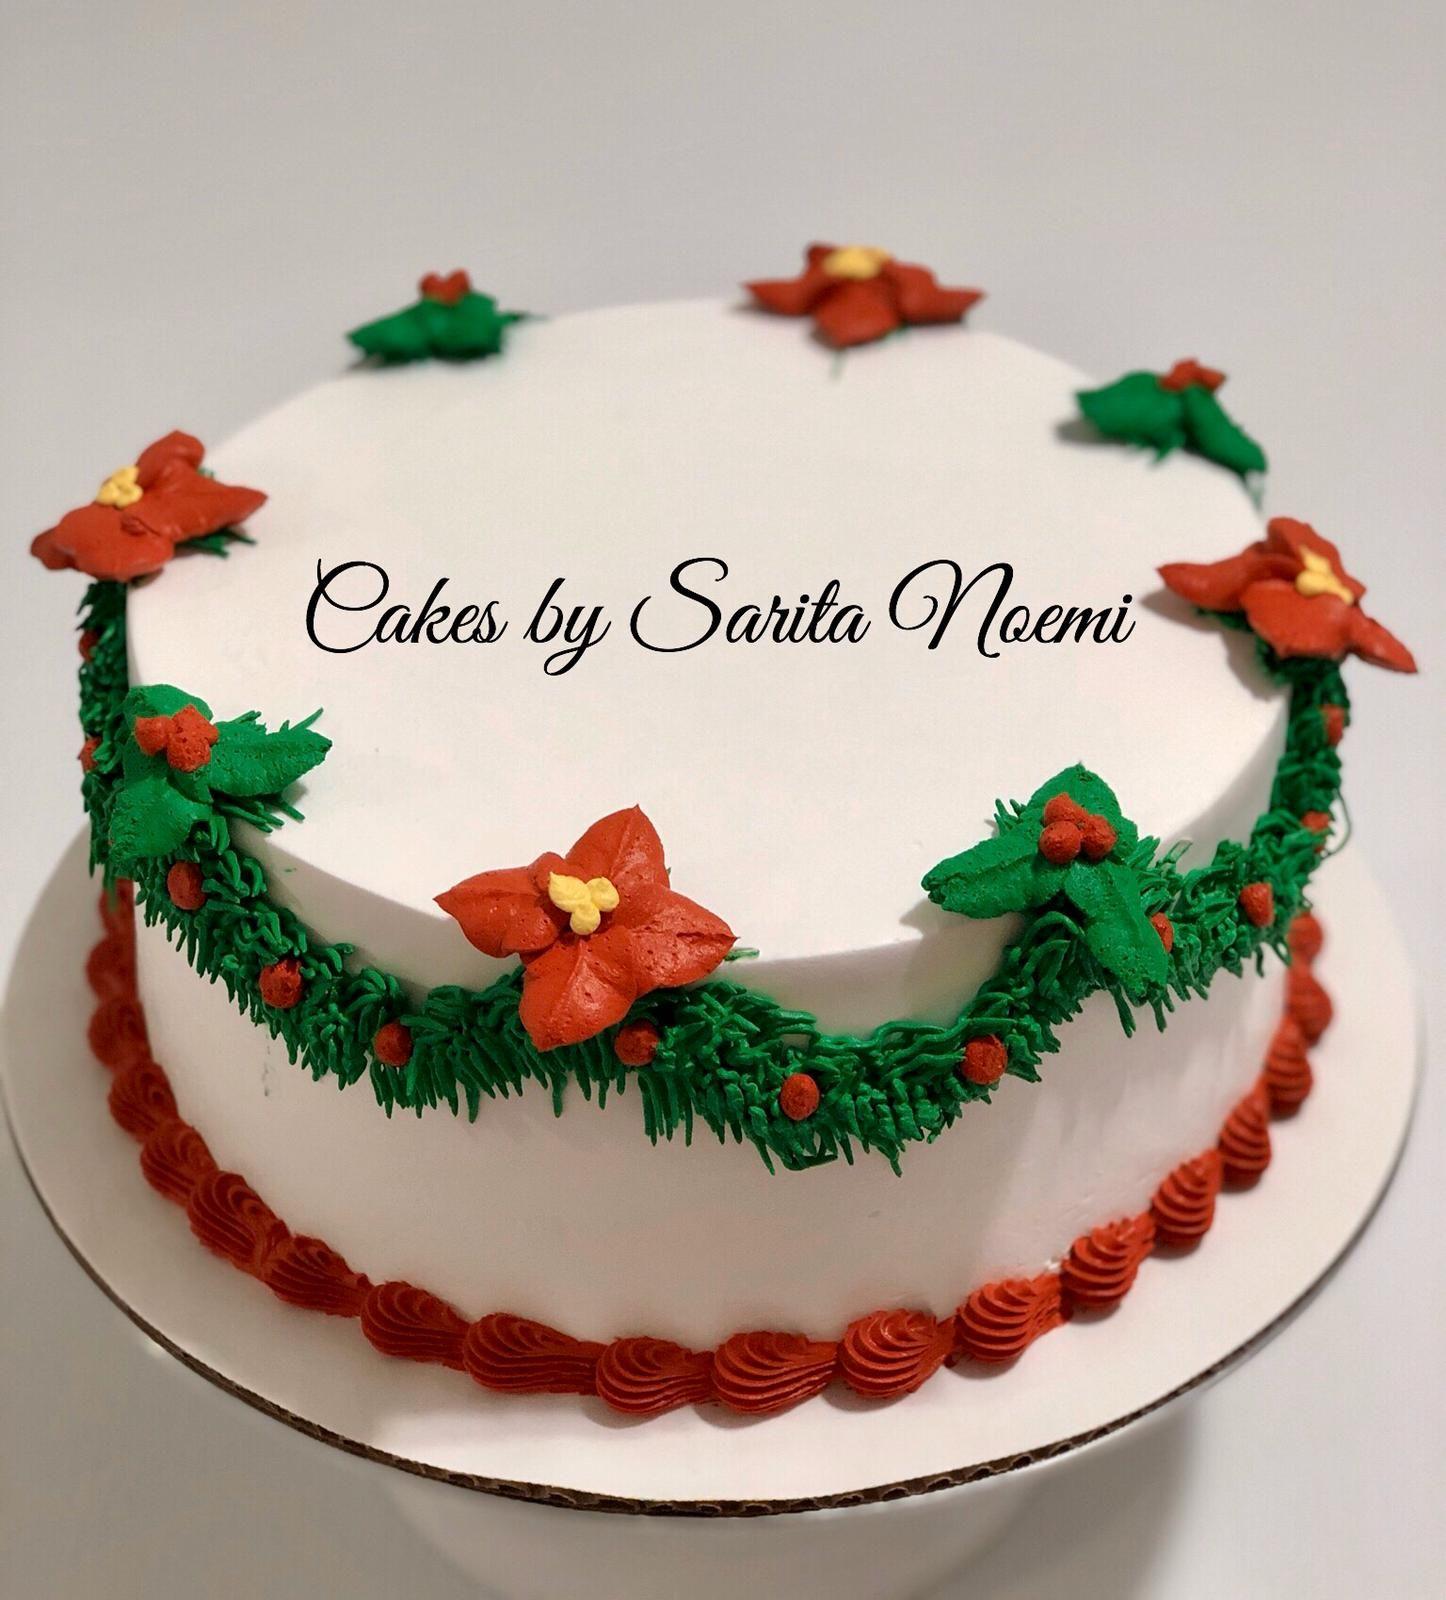 Christmas Cake Pastel Navideño Cómo Hacer Pasteles Decoración De Tartas De Navidad Reposteria Decoración